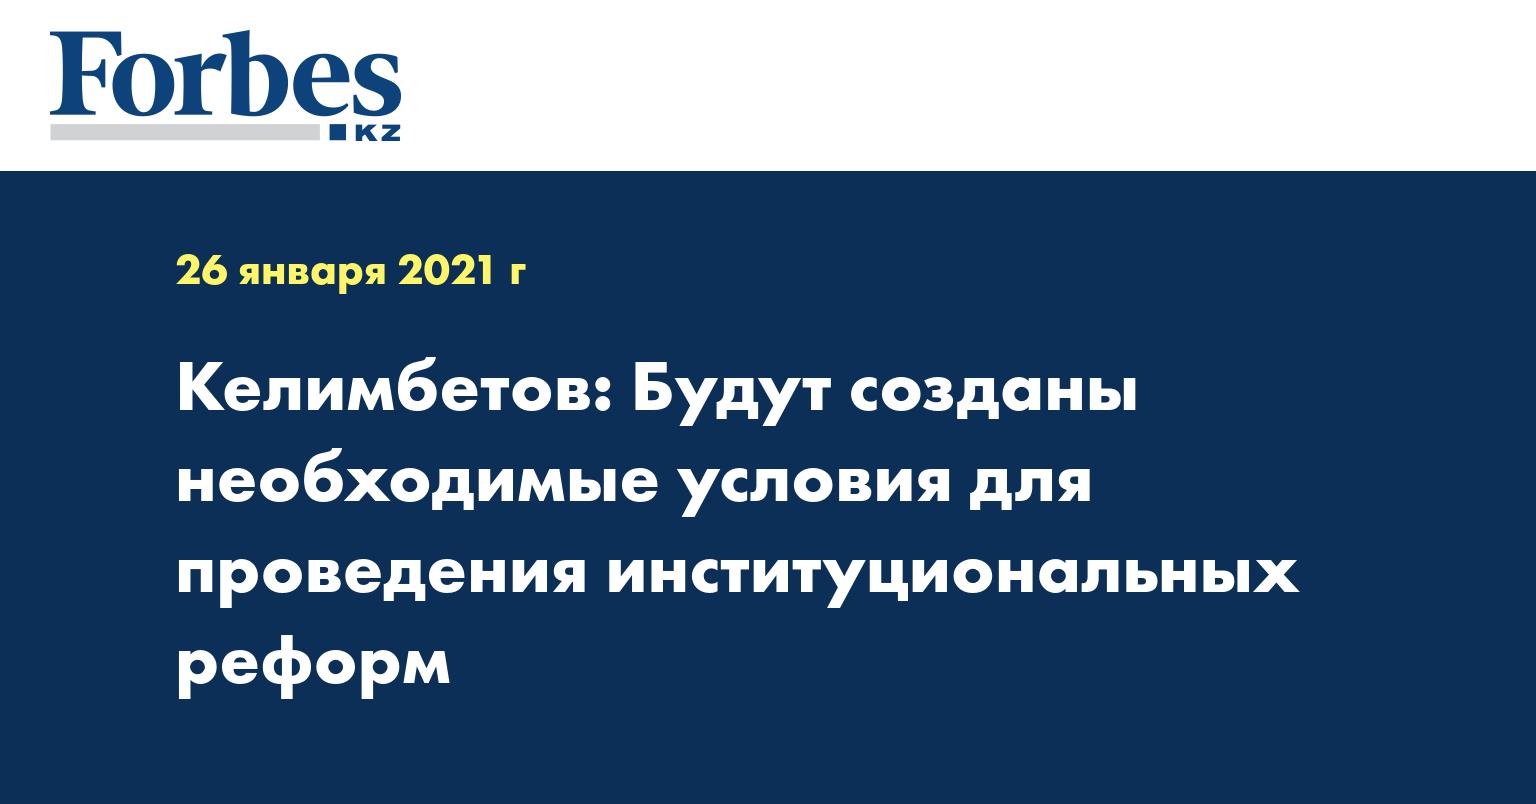 Келимбетов: Будут созданы необходимые условия для проведения институциональных реформ